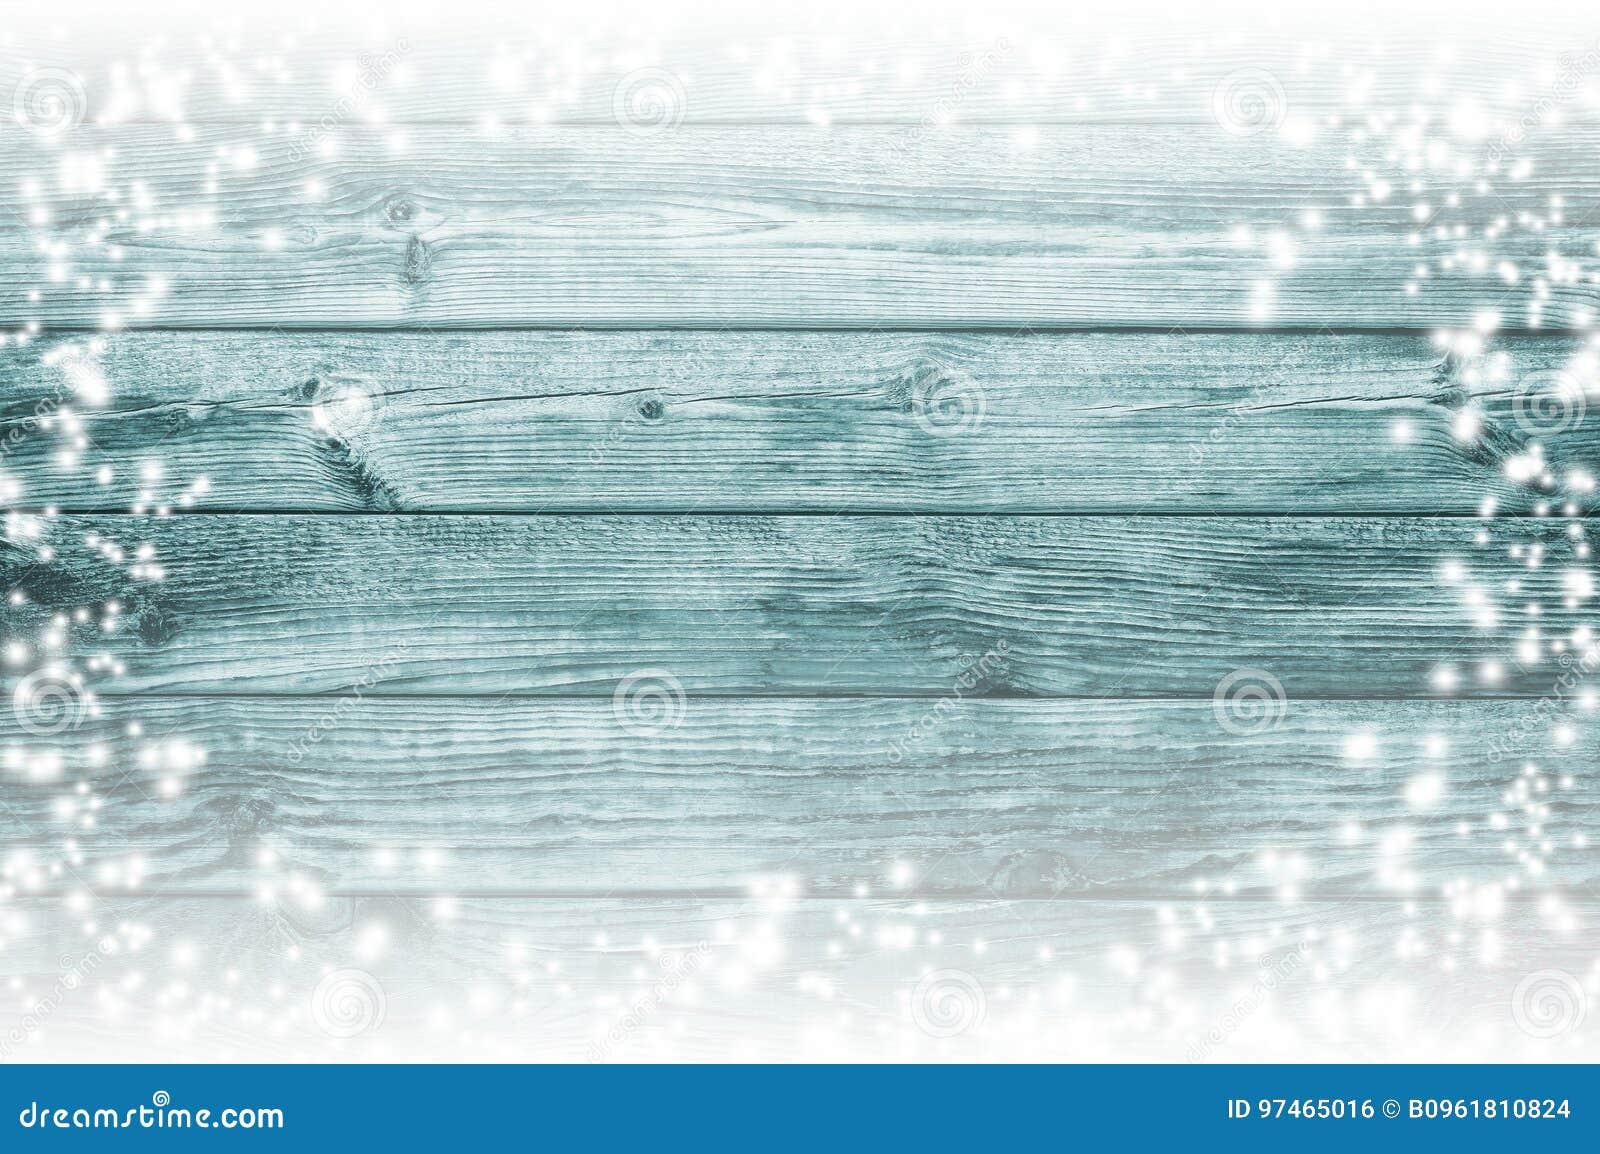 Drewniana błękitny tekstura abstrakcjonistycznych gwiazdkę tła dekoracji projektu ciemnej czerwieni wzoru star white